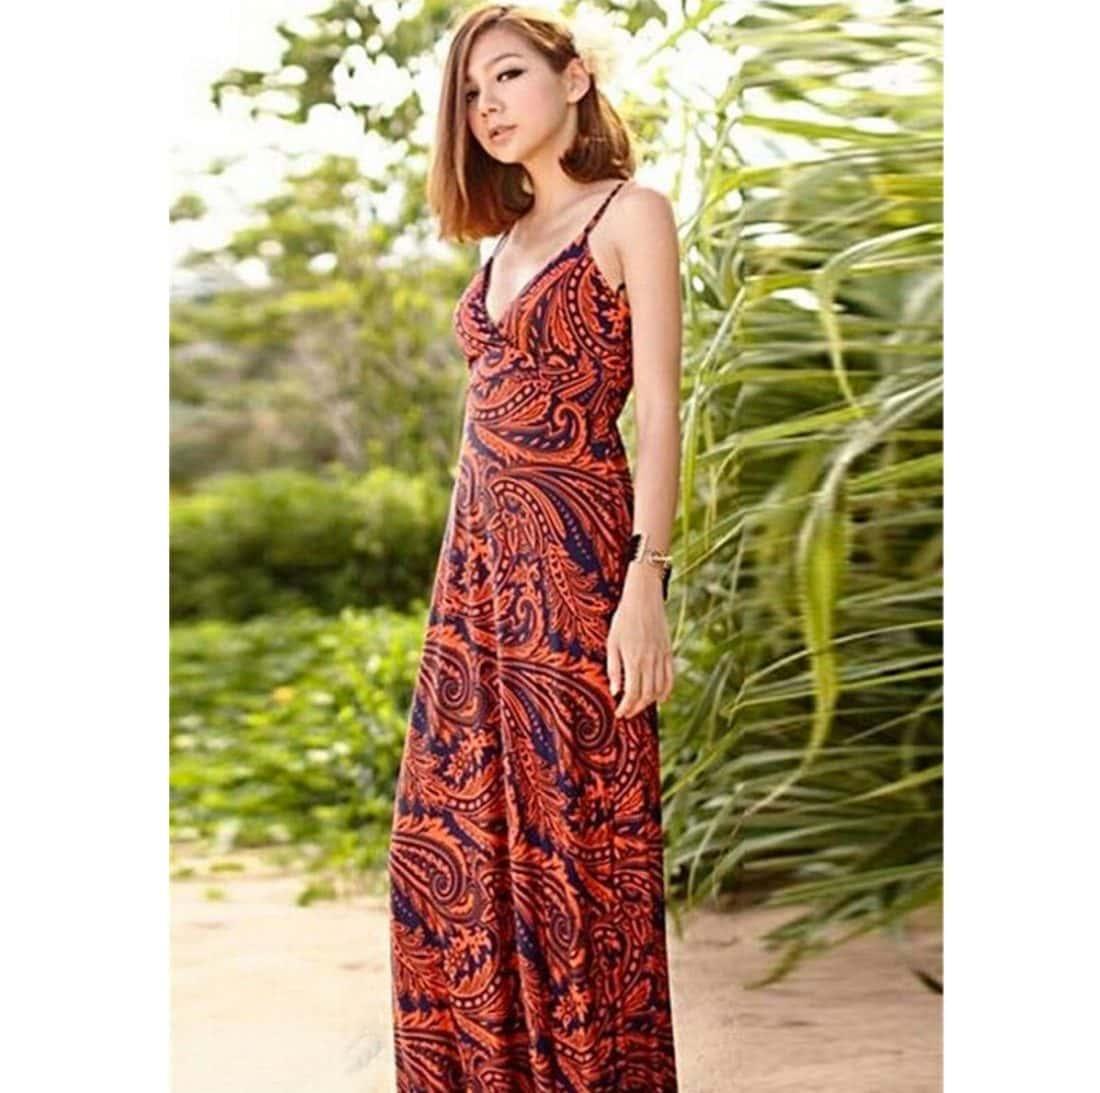 M0163 red1 Leisure Dresses maureens.com boutique